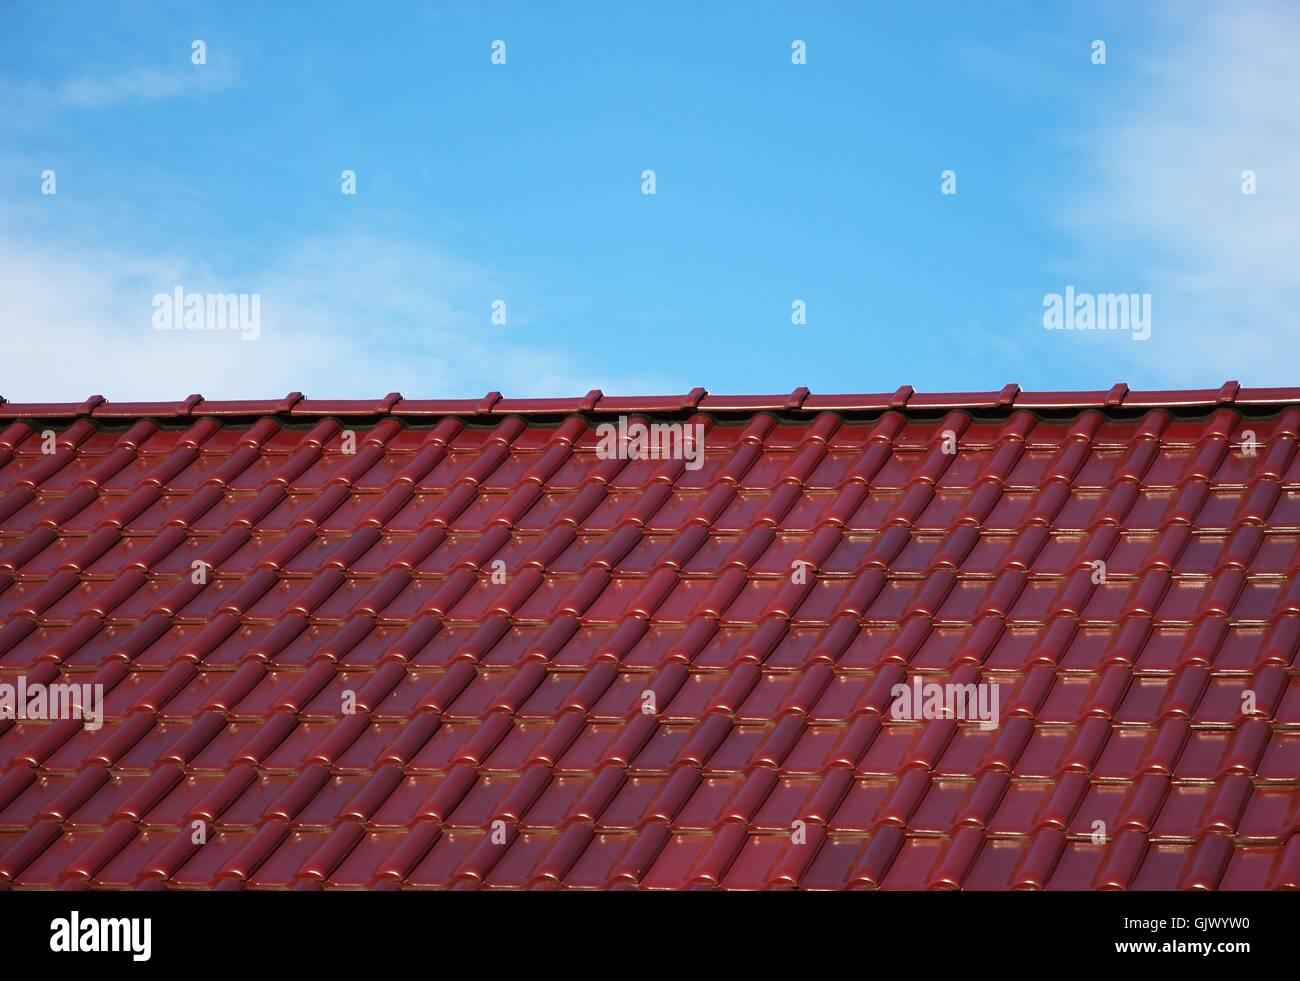 brick reddish brown tile - Stock Image